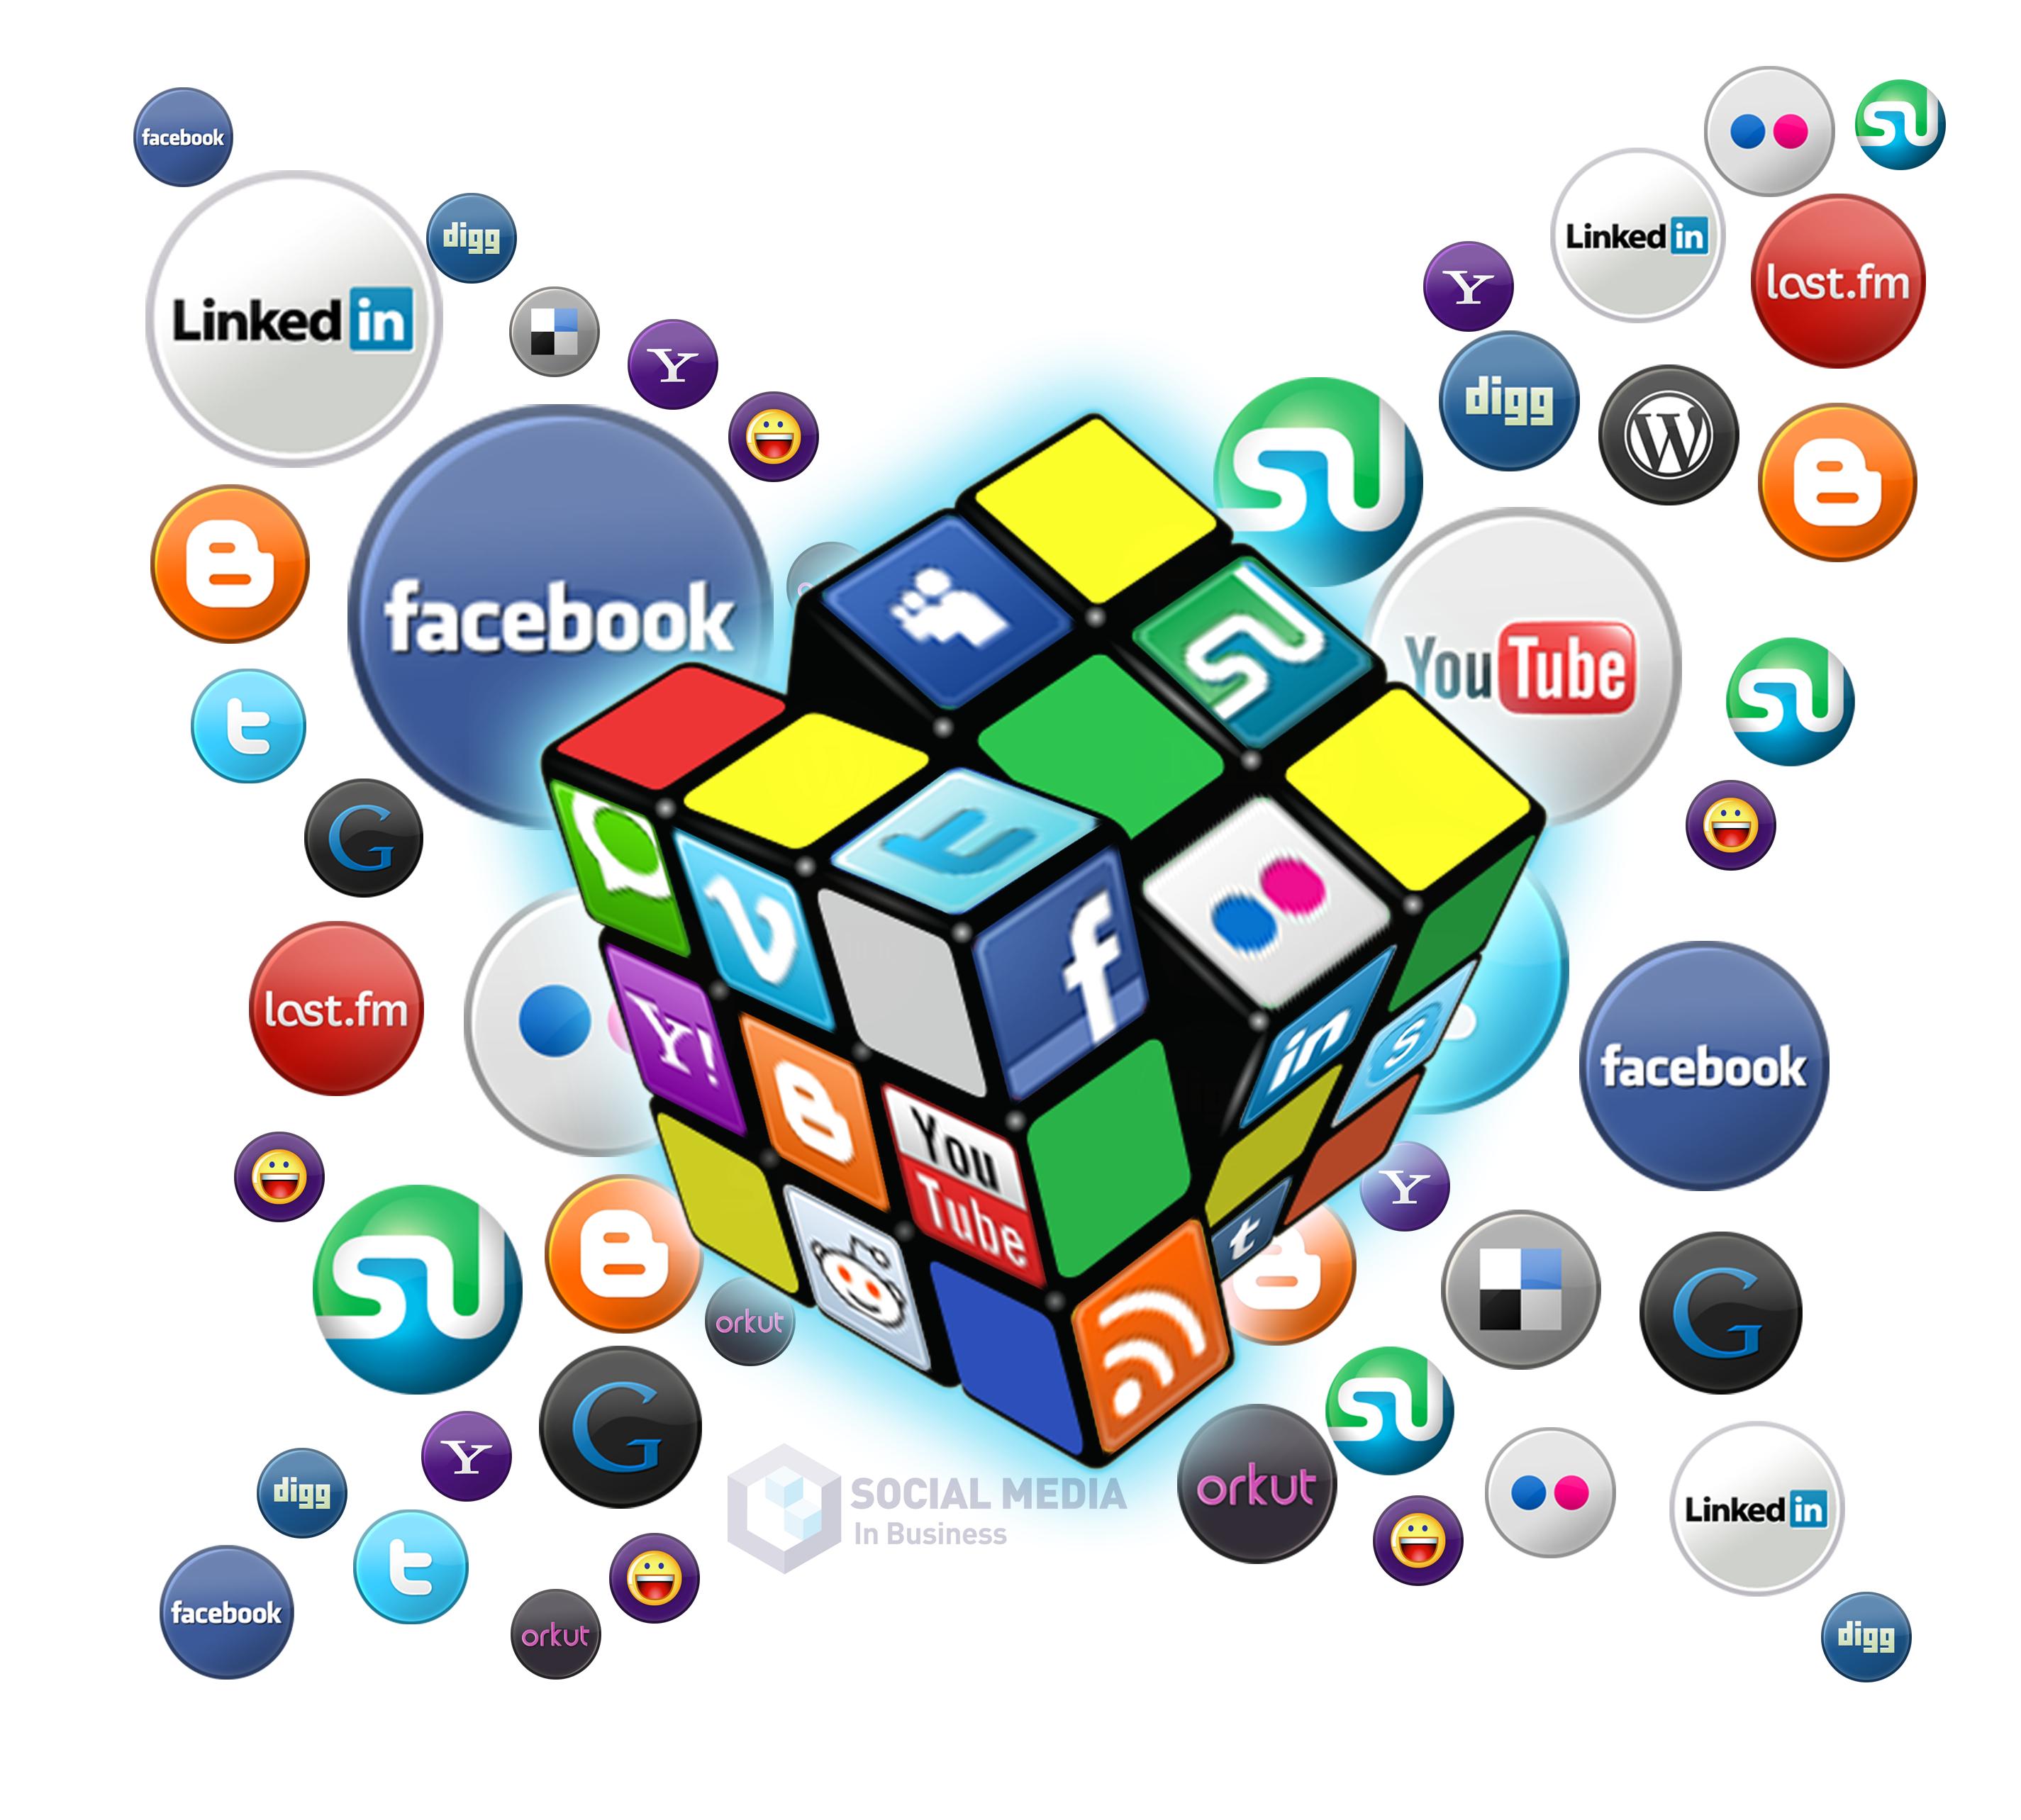 ソーシャルメディアを上手に使うための2つの大きな捉え方とは?